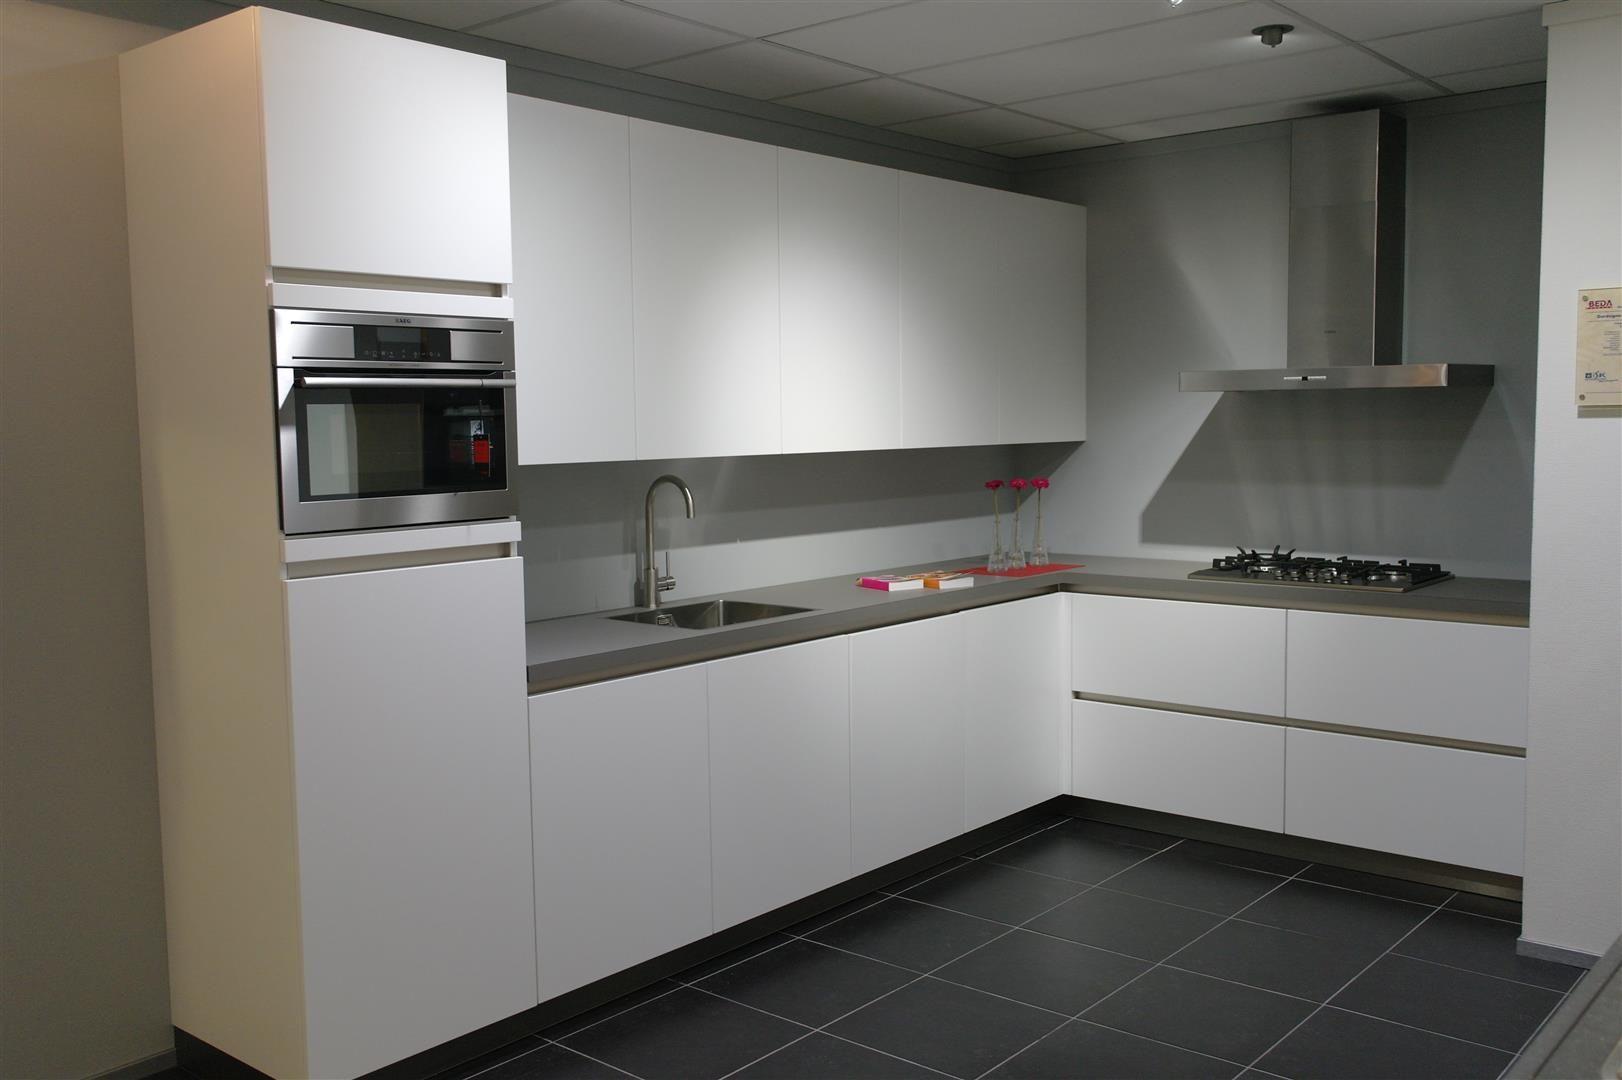 Keuken Greeploos Mat Wit : voordeligste woonwinkel van Nederland! Beda Domino greeploos [51358